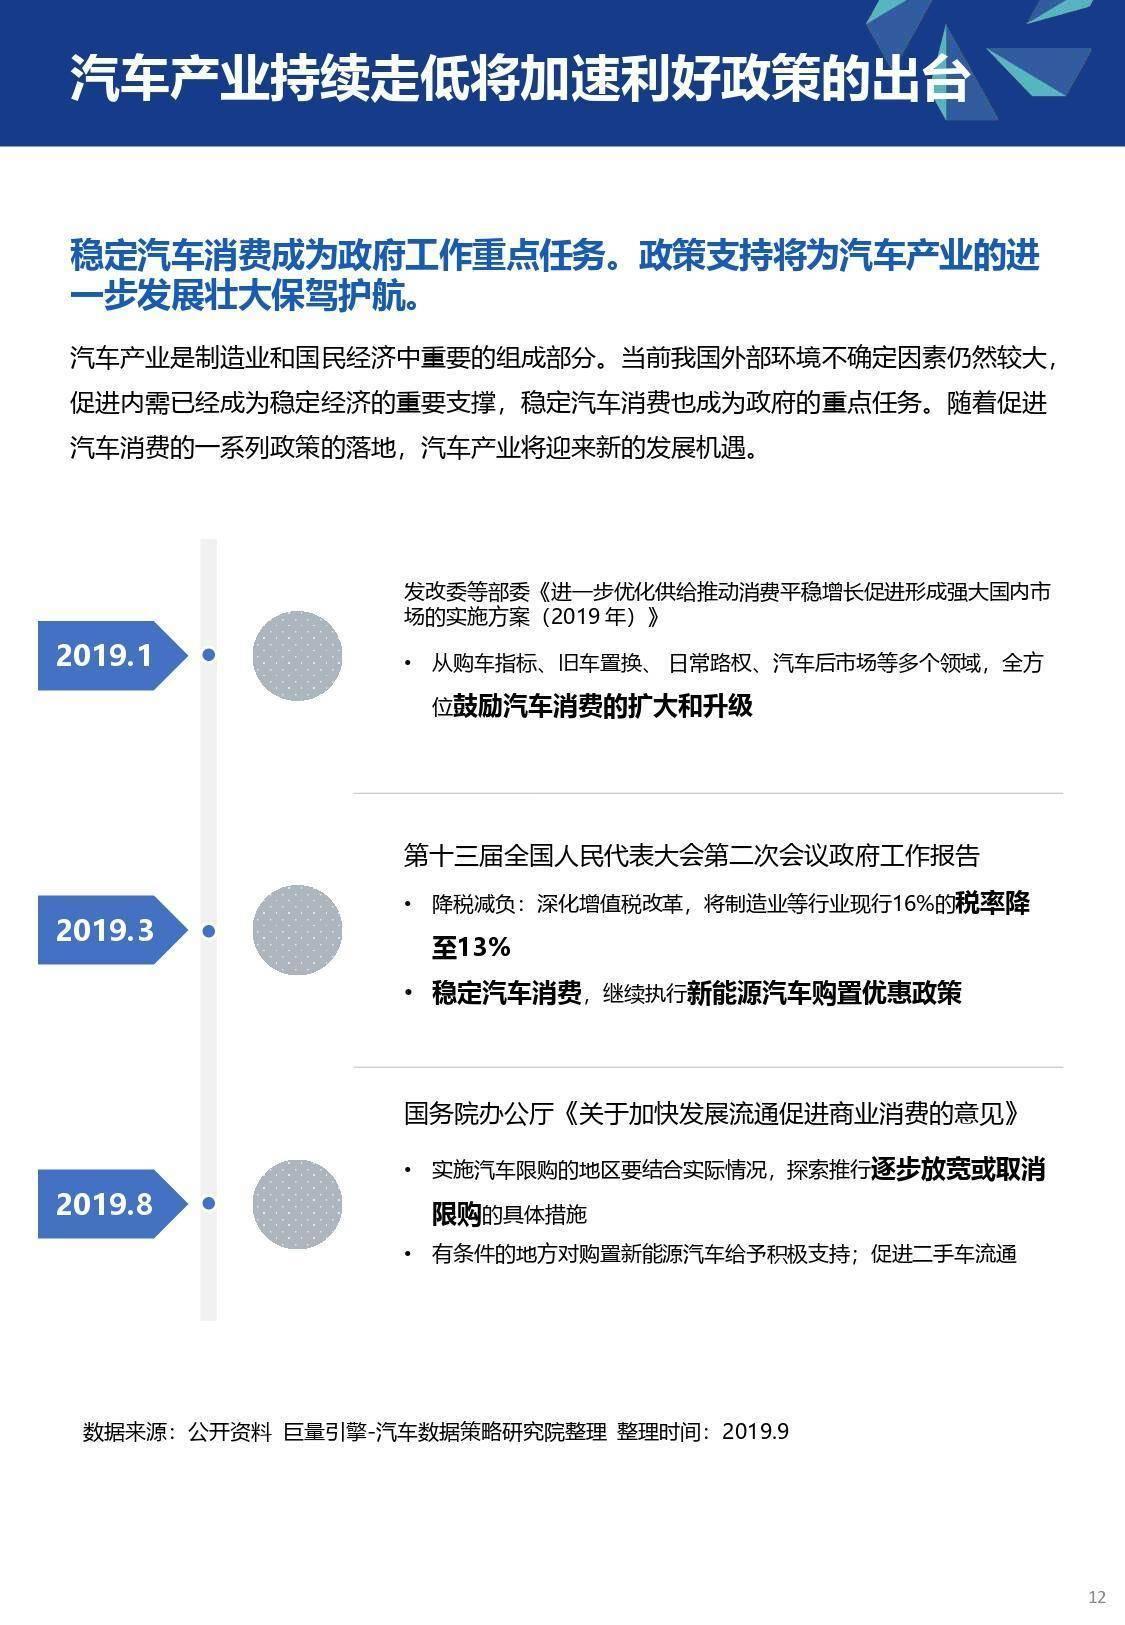 汽车出行&巨量引擎:2019中国汽车消费趋势报告